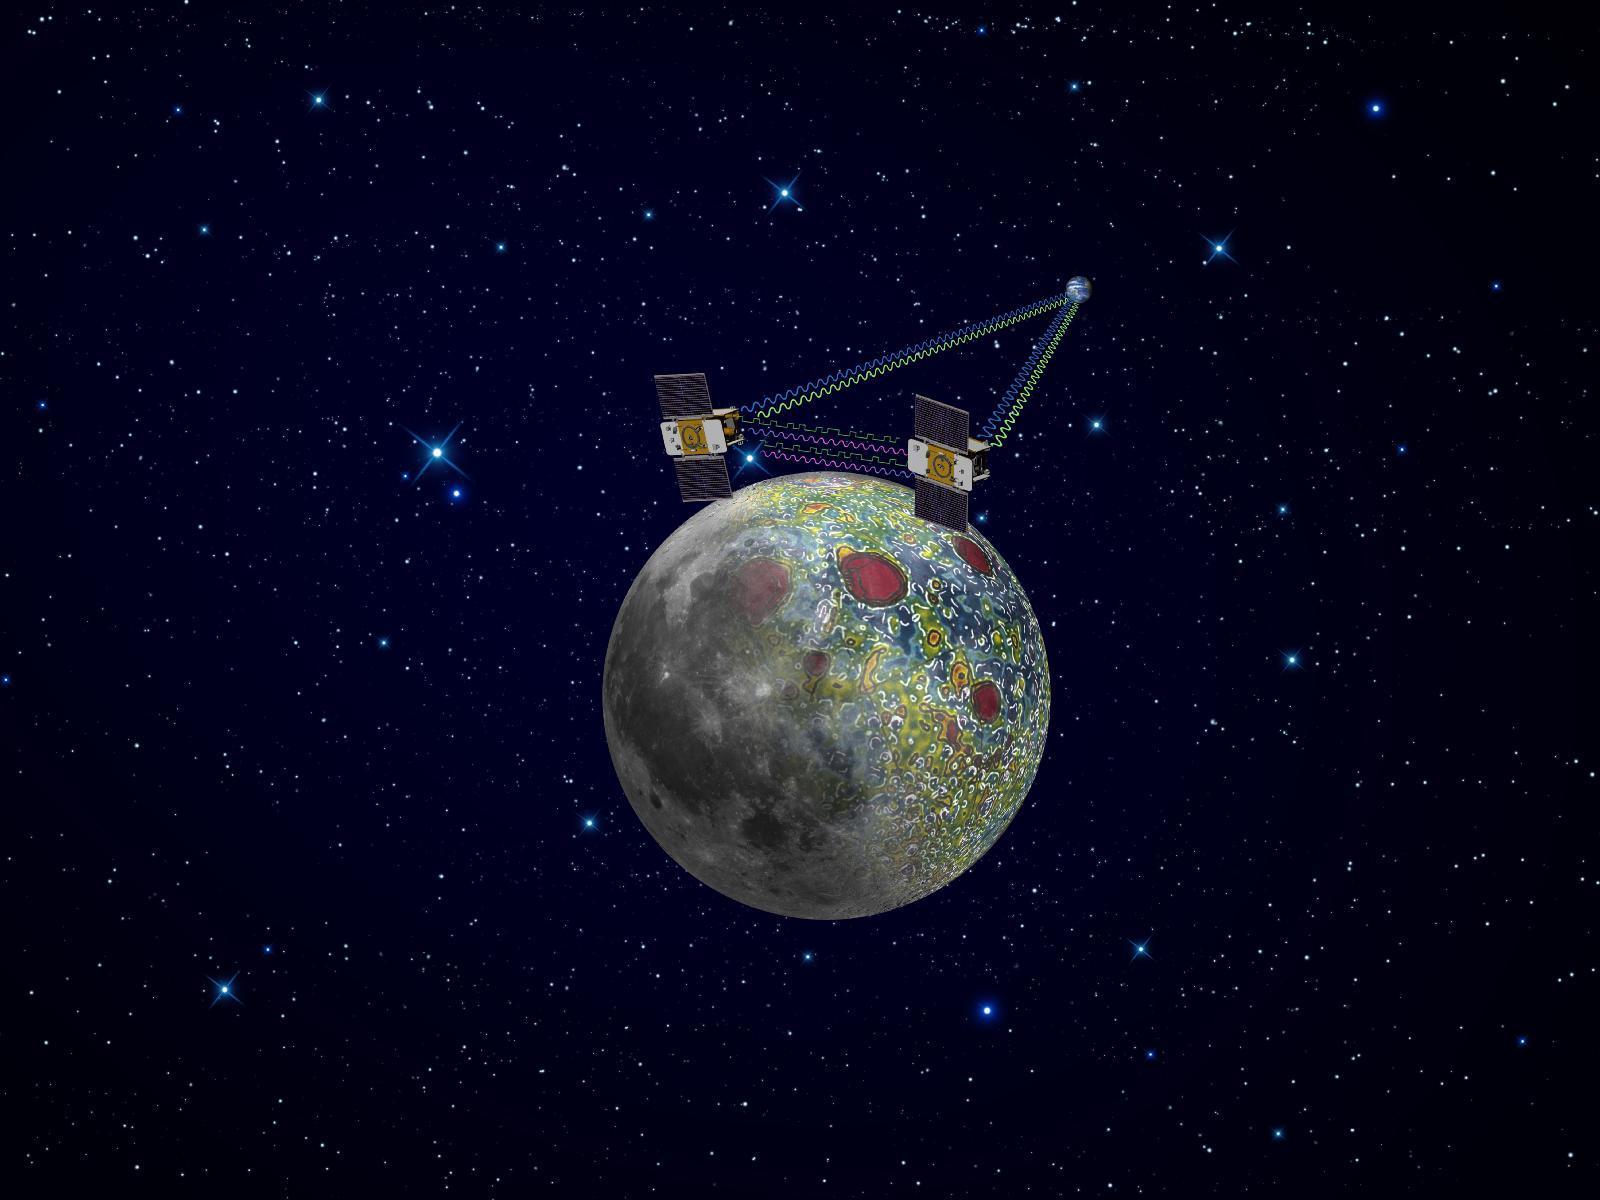 月球上的美国飞机